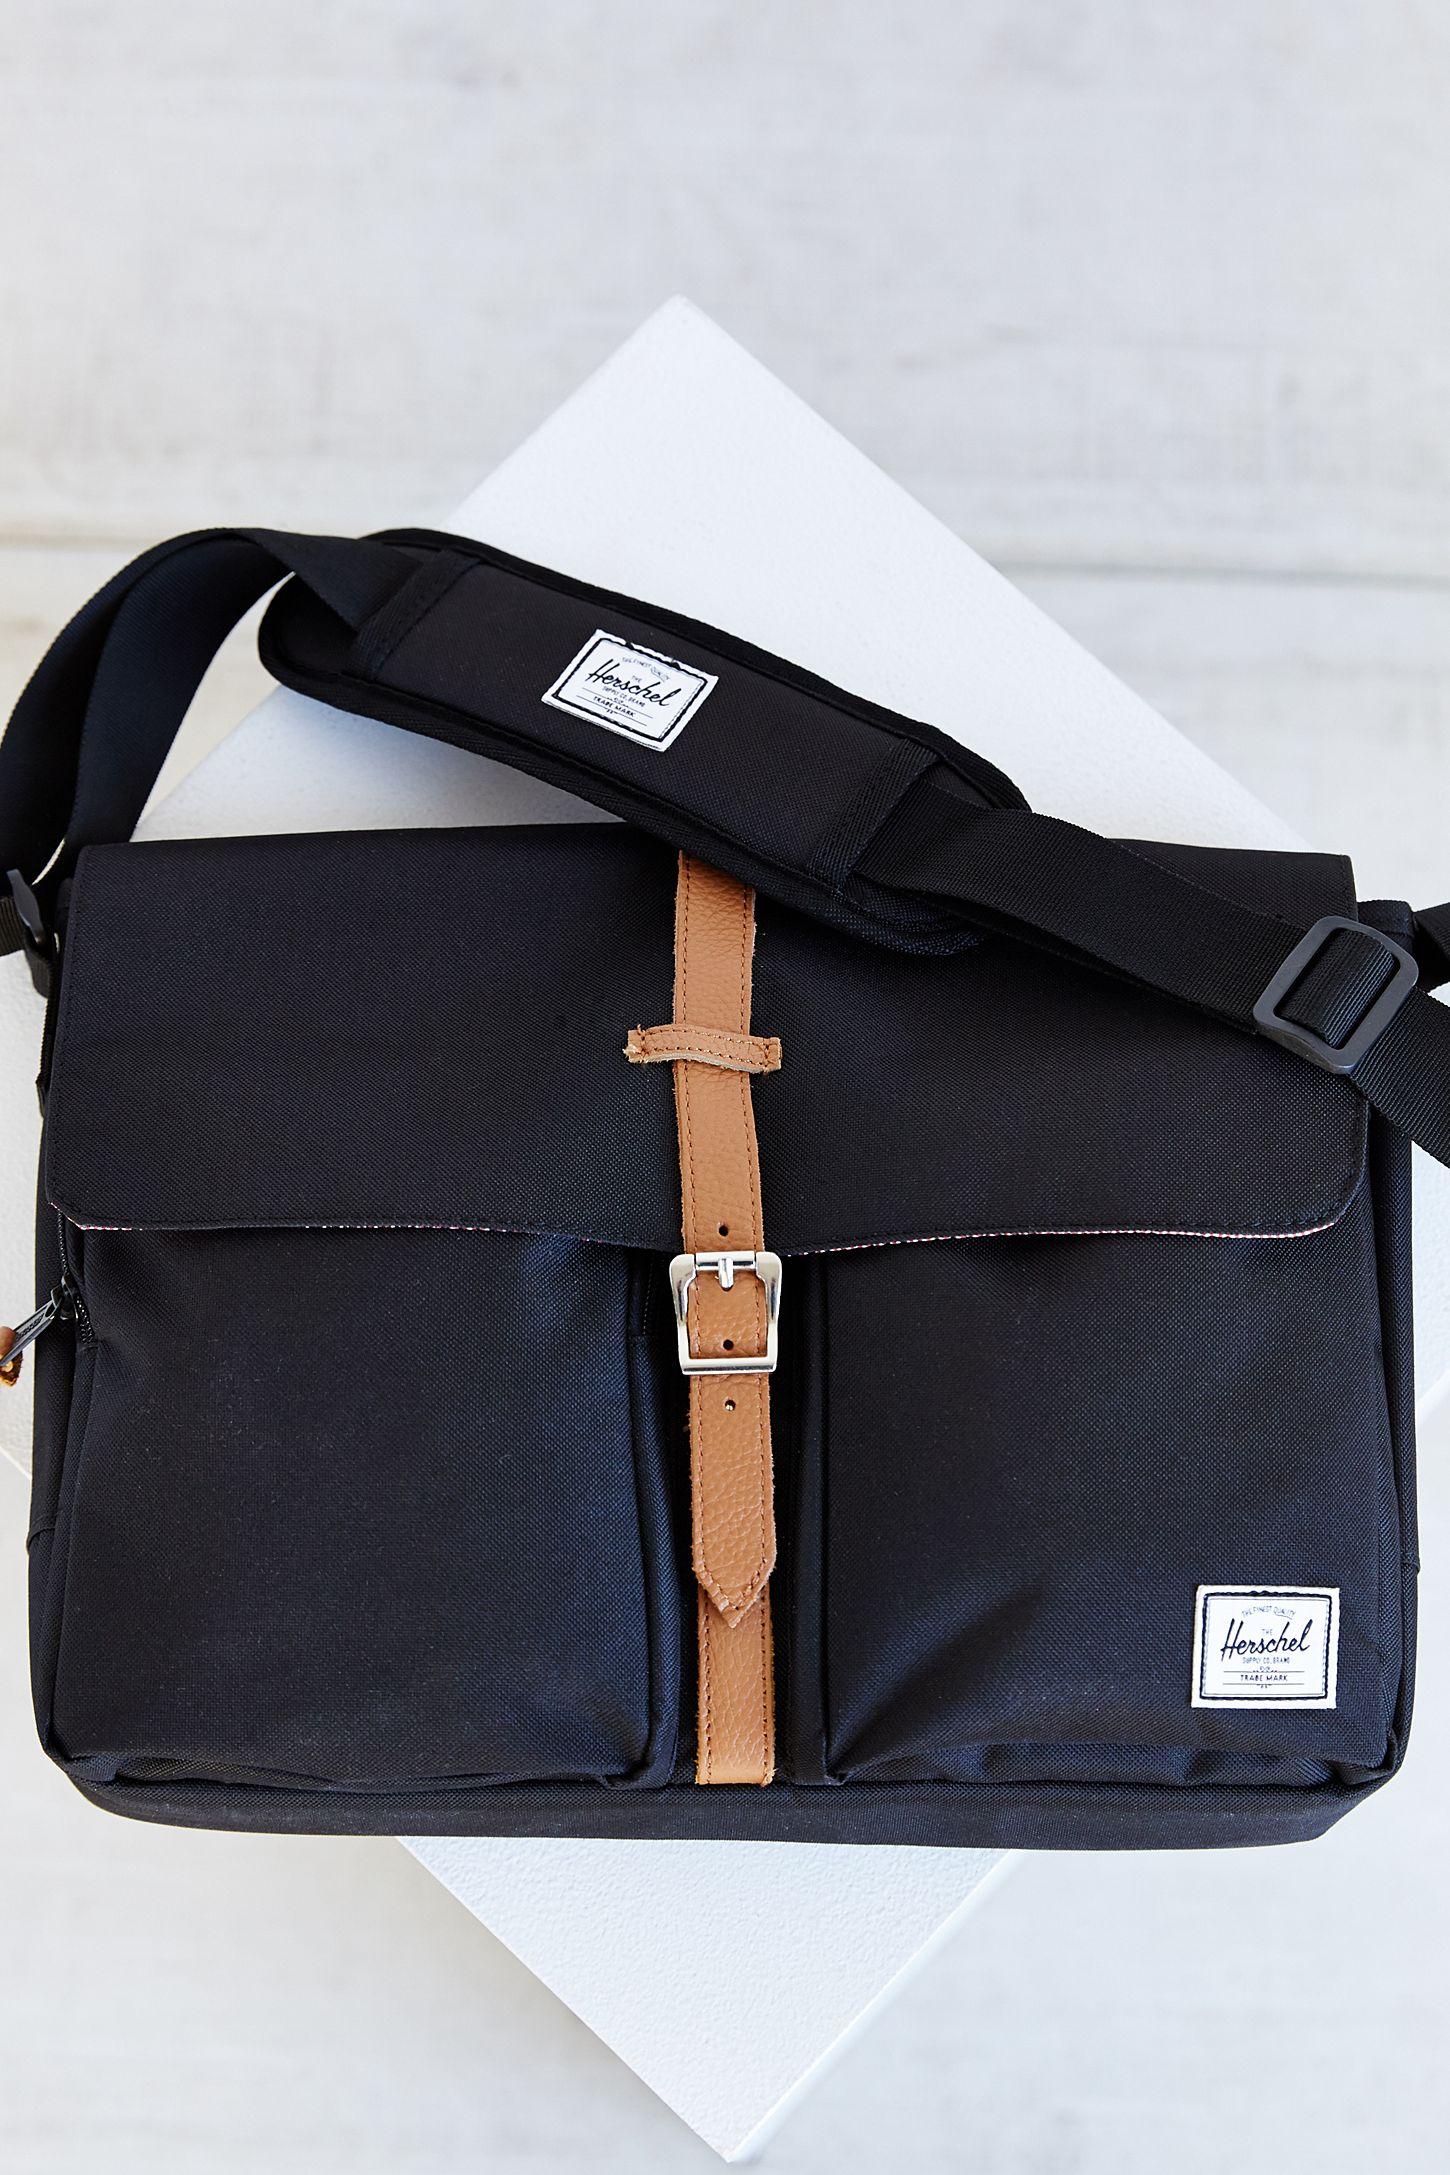 b3a07ffaf83 Herschel Supply Co. Columbia Messenger Bag